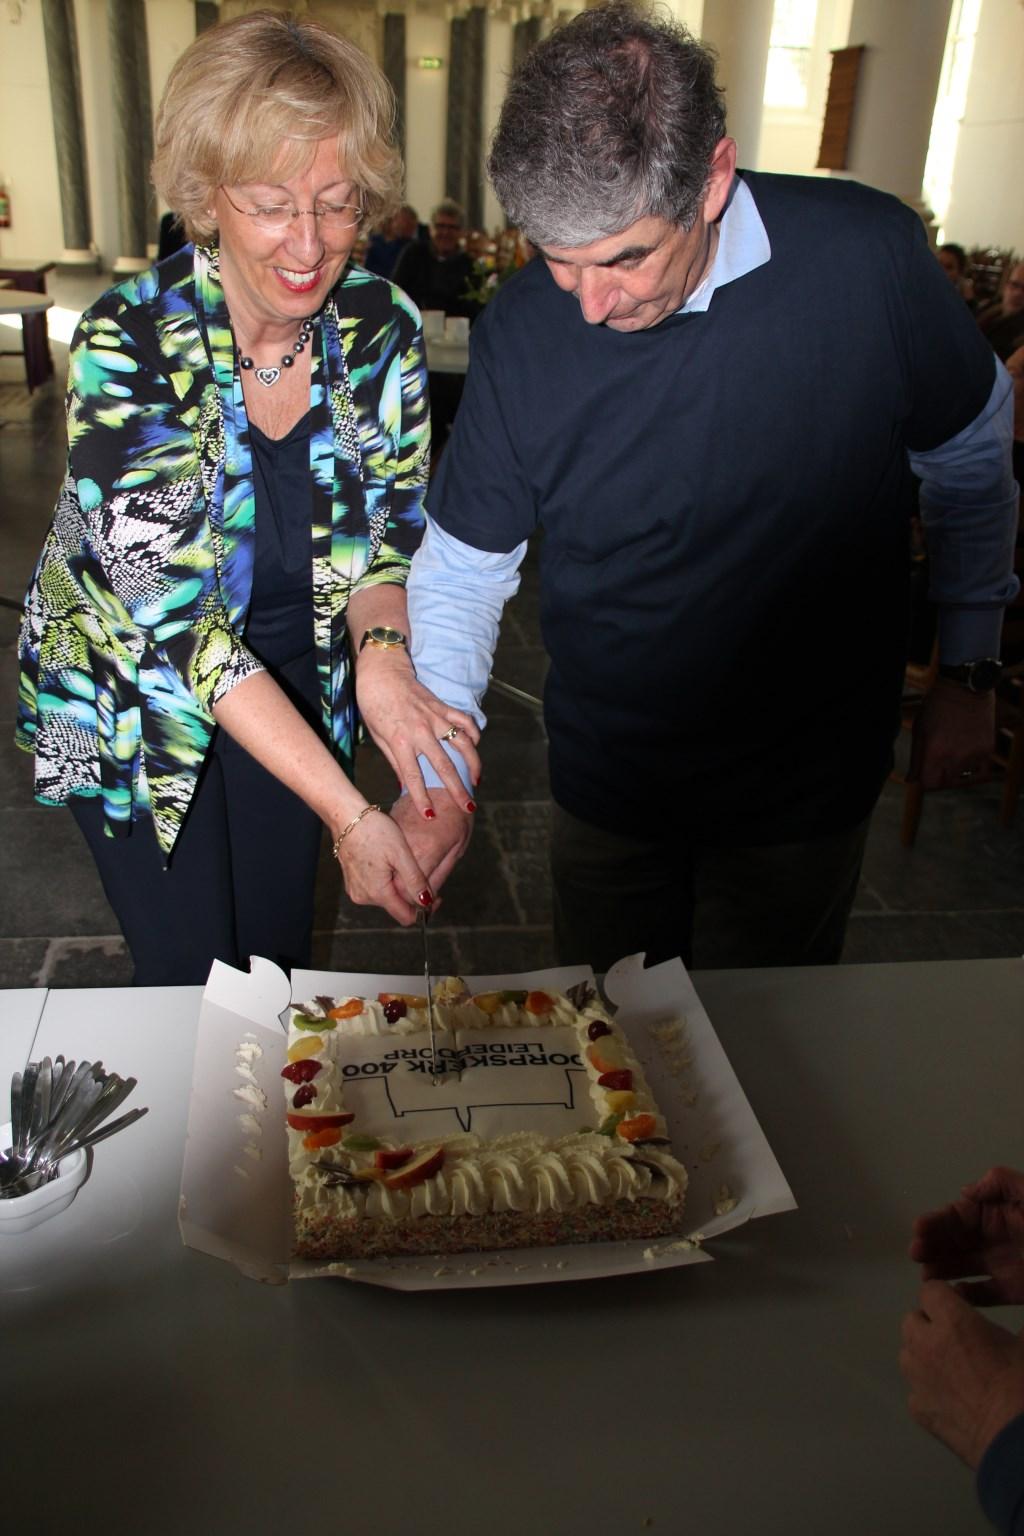 Het aansnijden van de 'Dorpskerk 400'-taart. | Foto: Tine de Witt   Foto: Tine de Witt © uitgeverij Verhagen